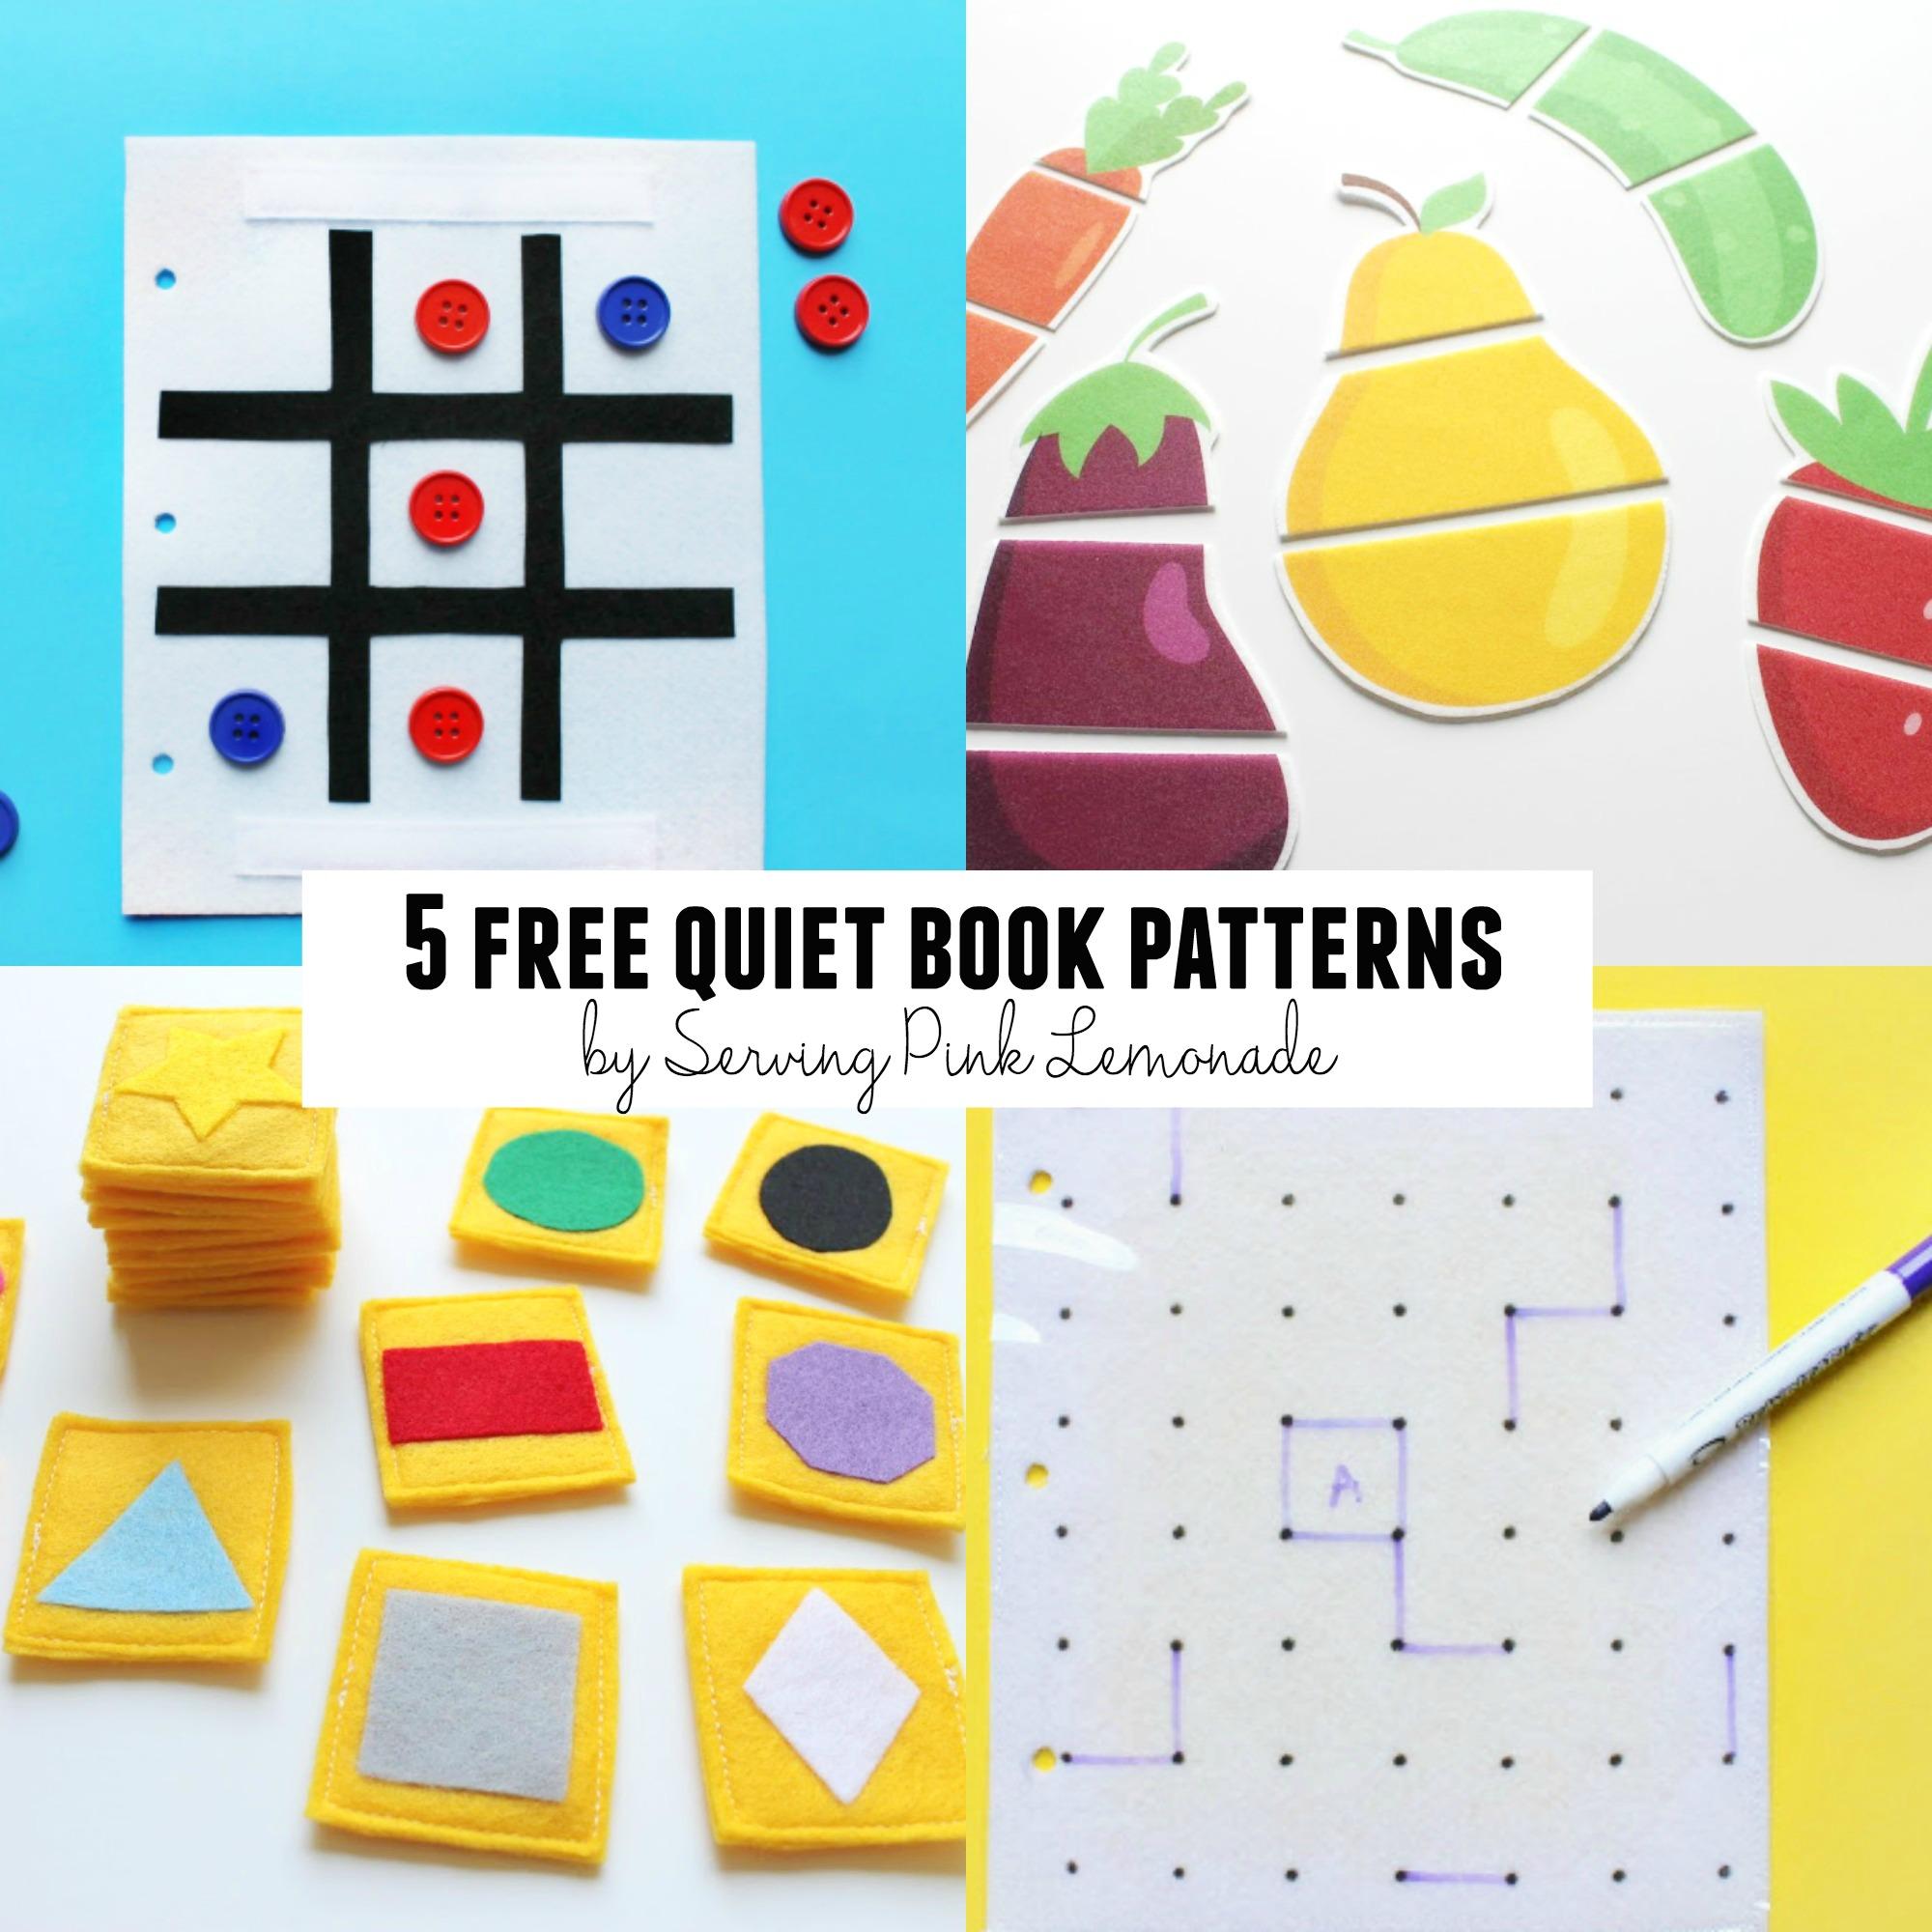 5 Free Quiet Book Patterns